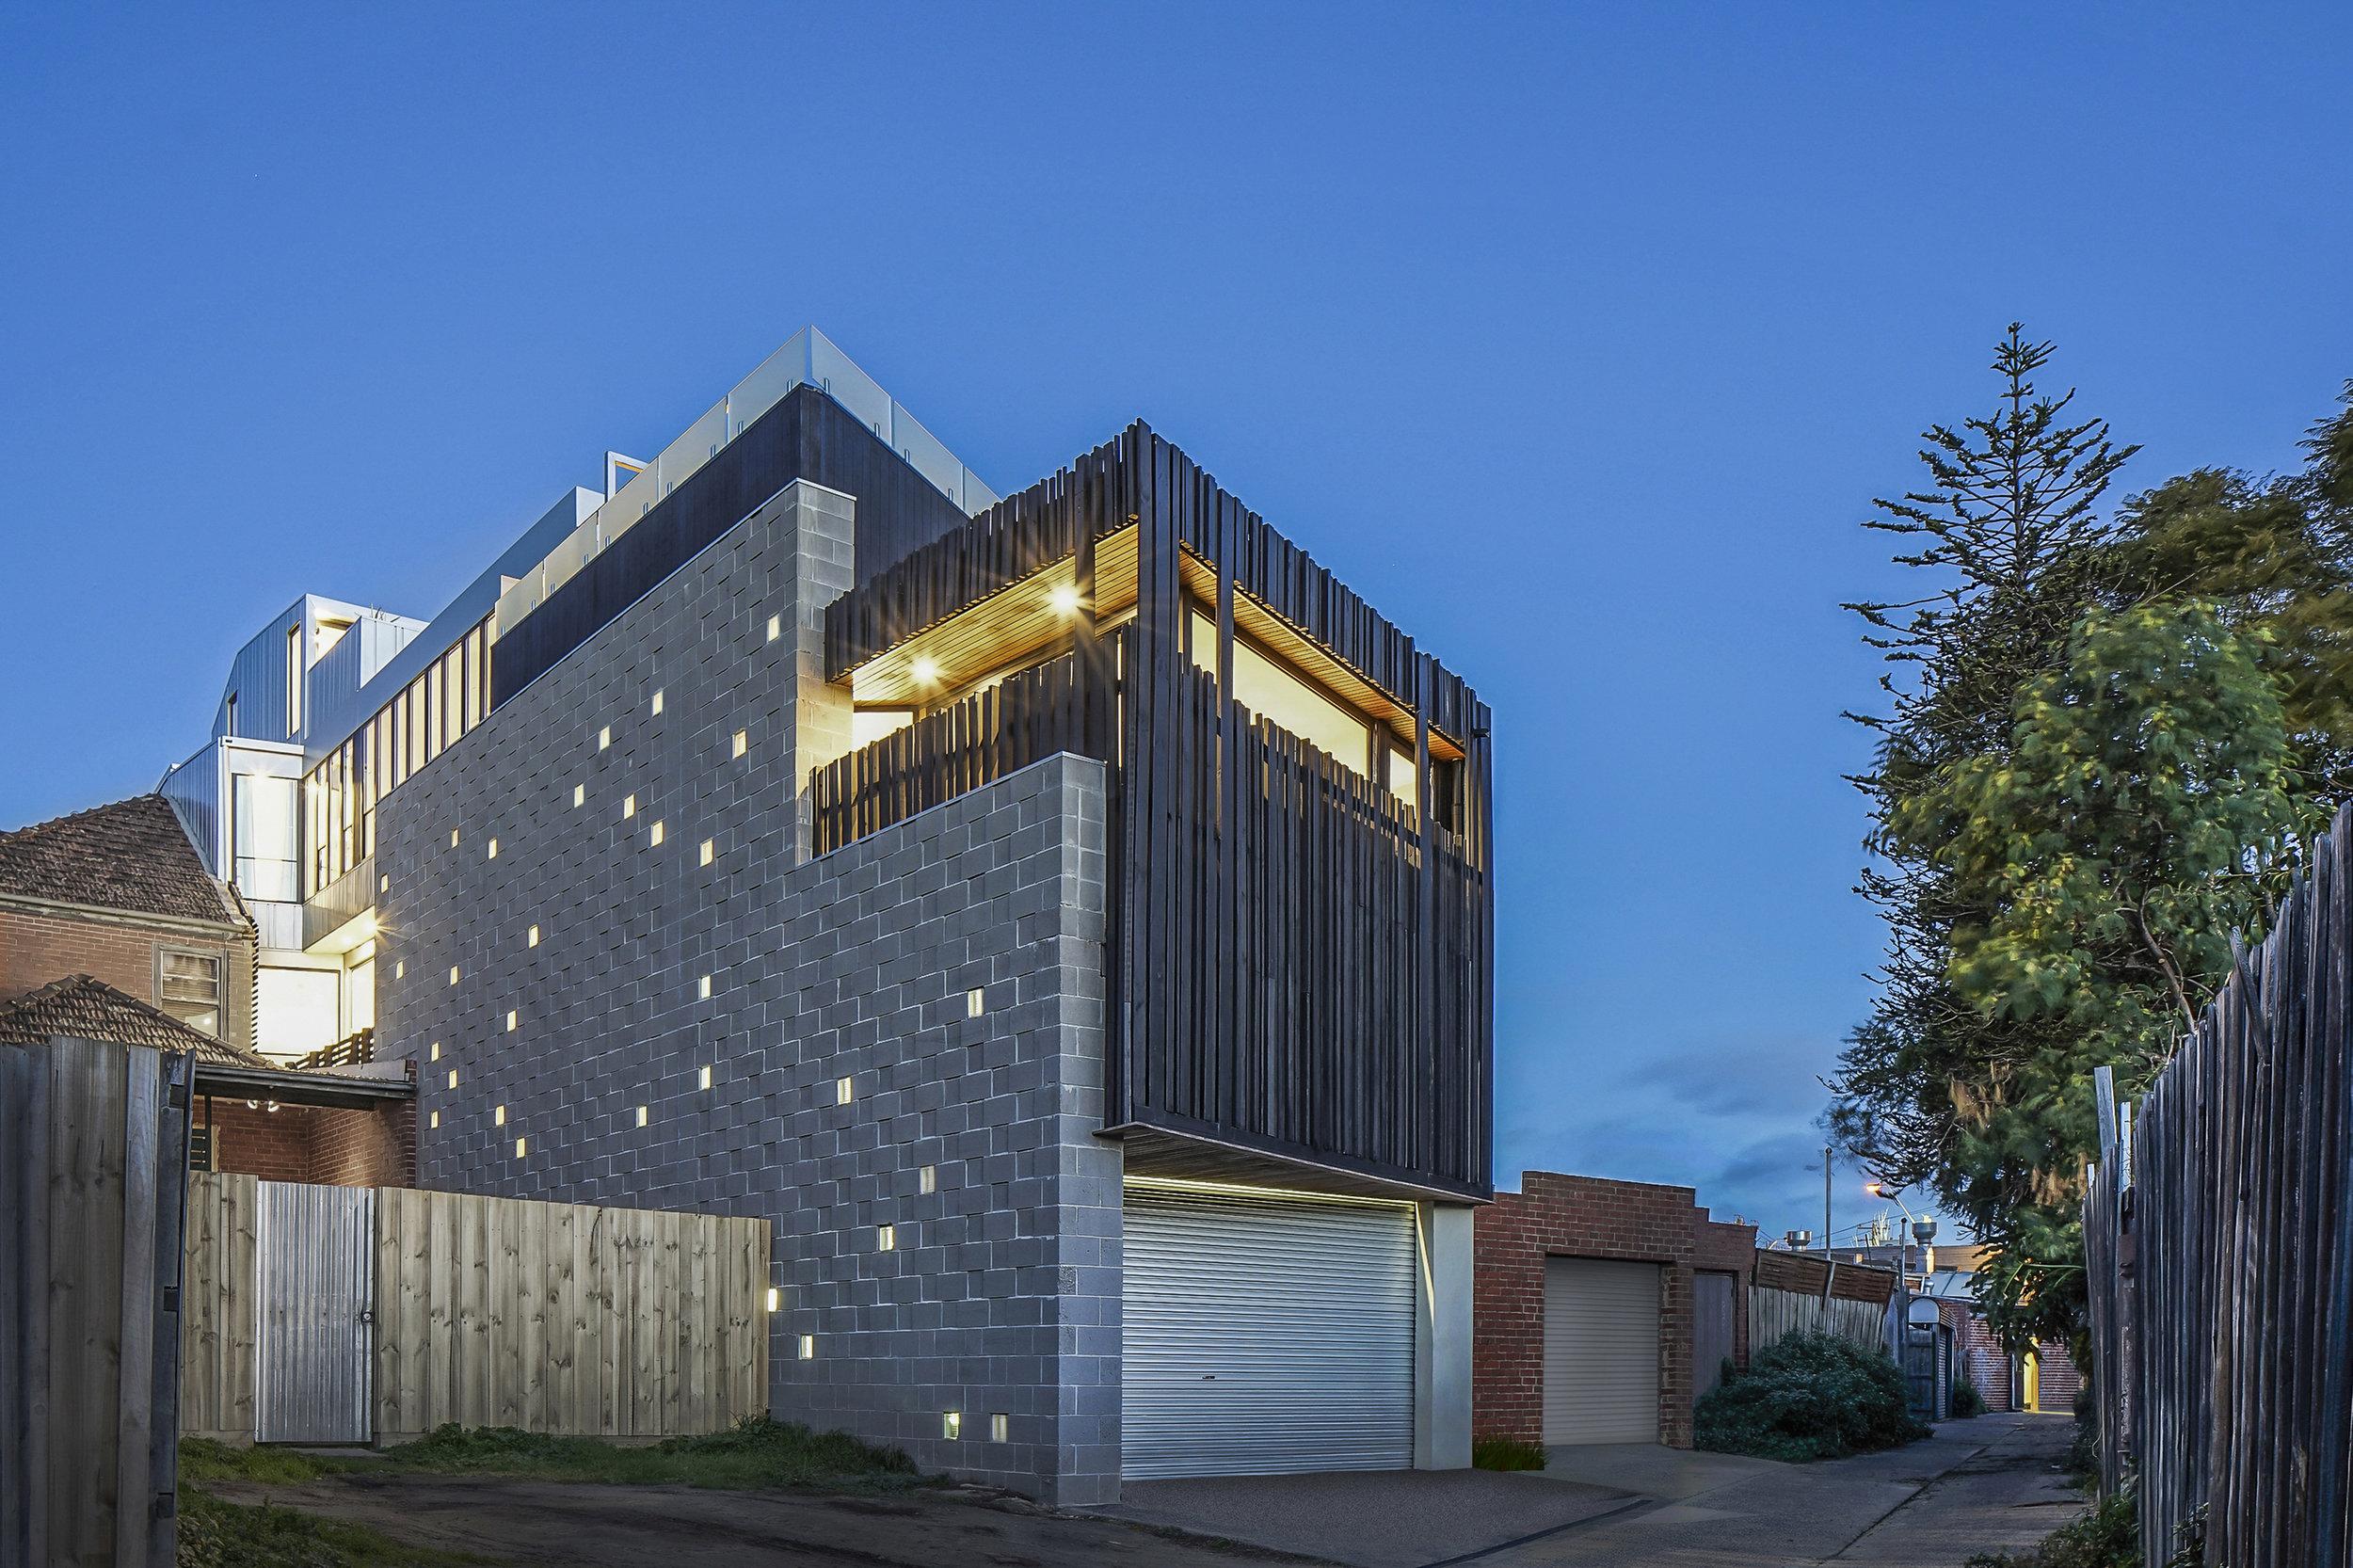 H.I.V.E. X FIVE | Megowan Architectural | Photo: Megowan Architectural